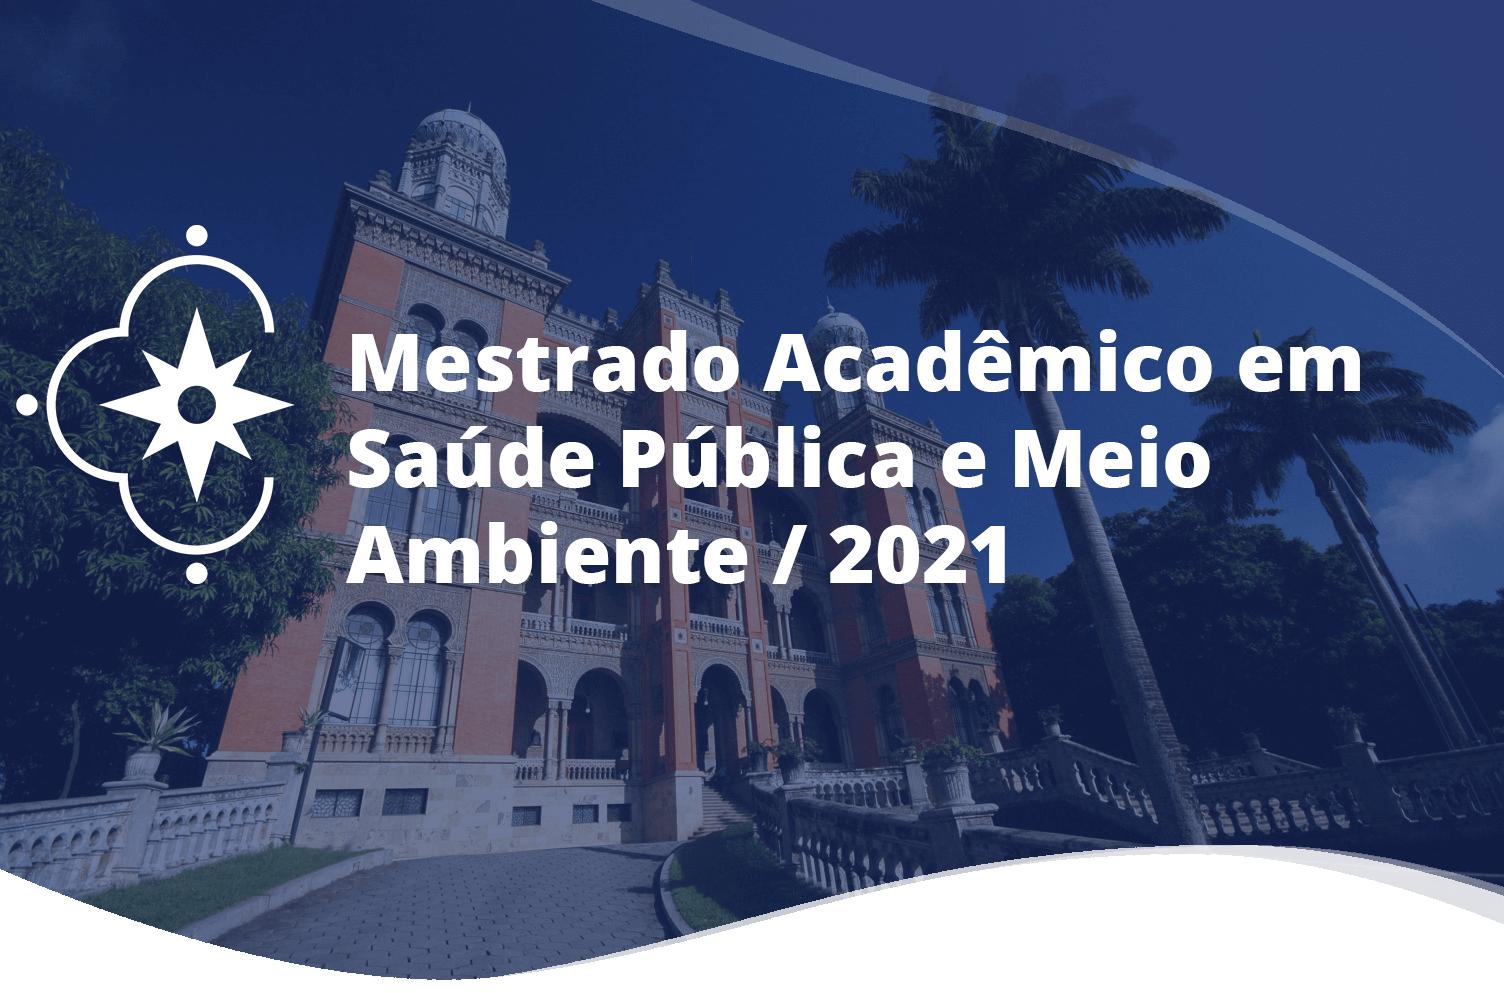 Mestrado Acadêmico em Saúde Pública e Meio Ambiente / 2021